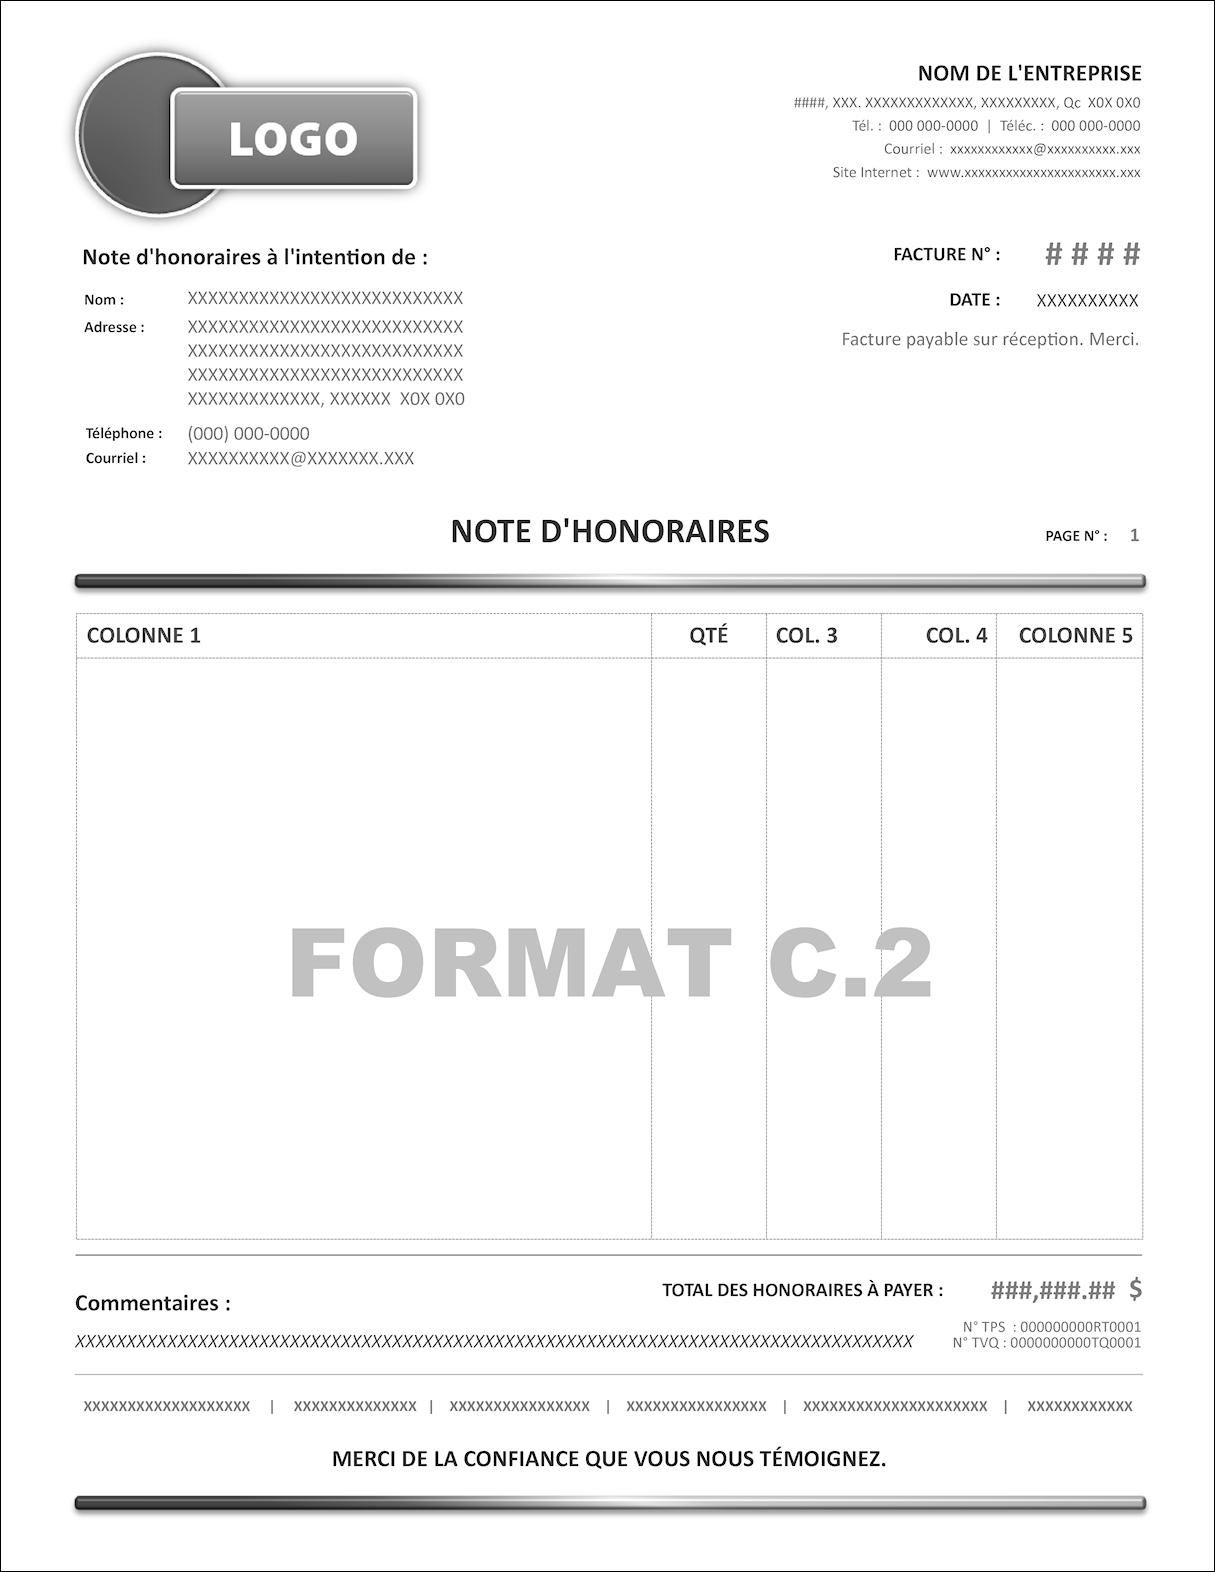 MODÈLES DU FORMAT C.2